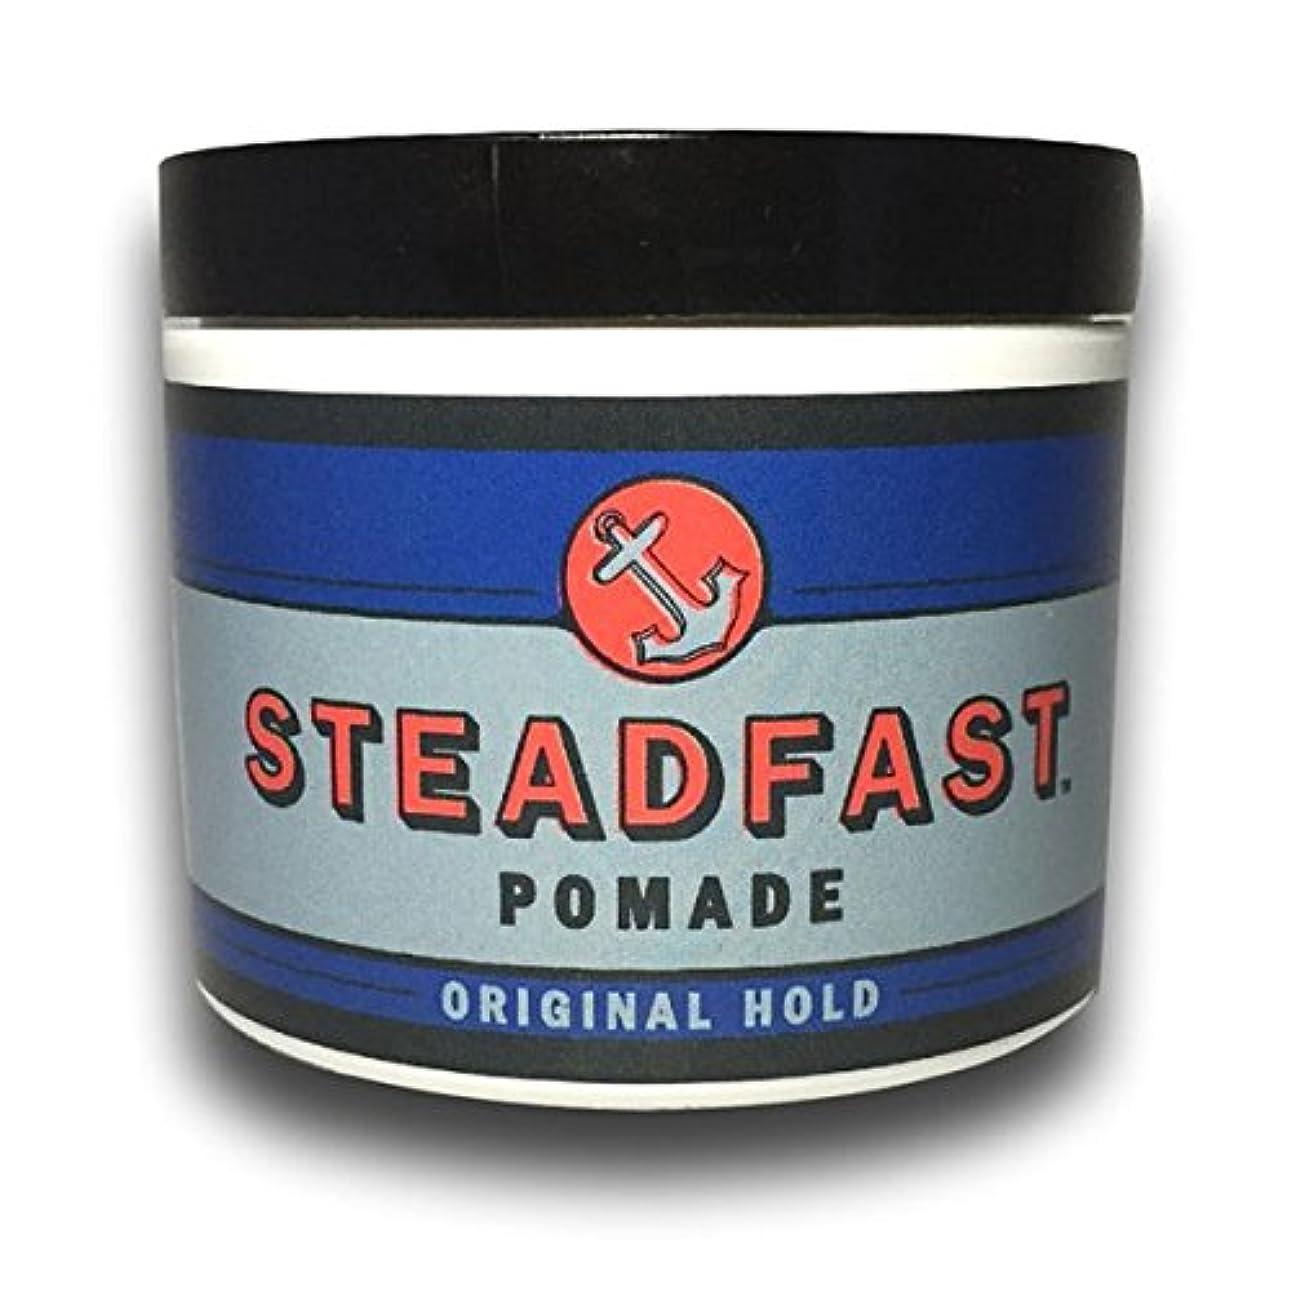 もつれモック食物【Steadfast Pomade】 ステッドファスト ポマード 【Original Hold】 水性ポマード オリジナルホールド 4oz(113.39g) MADE IN U.S.A